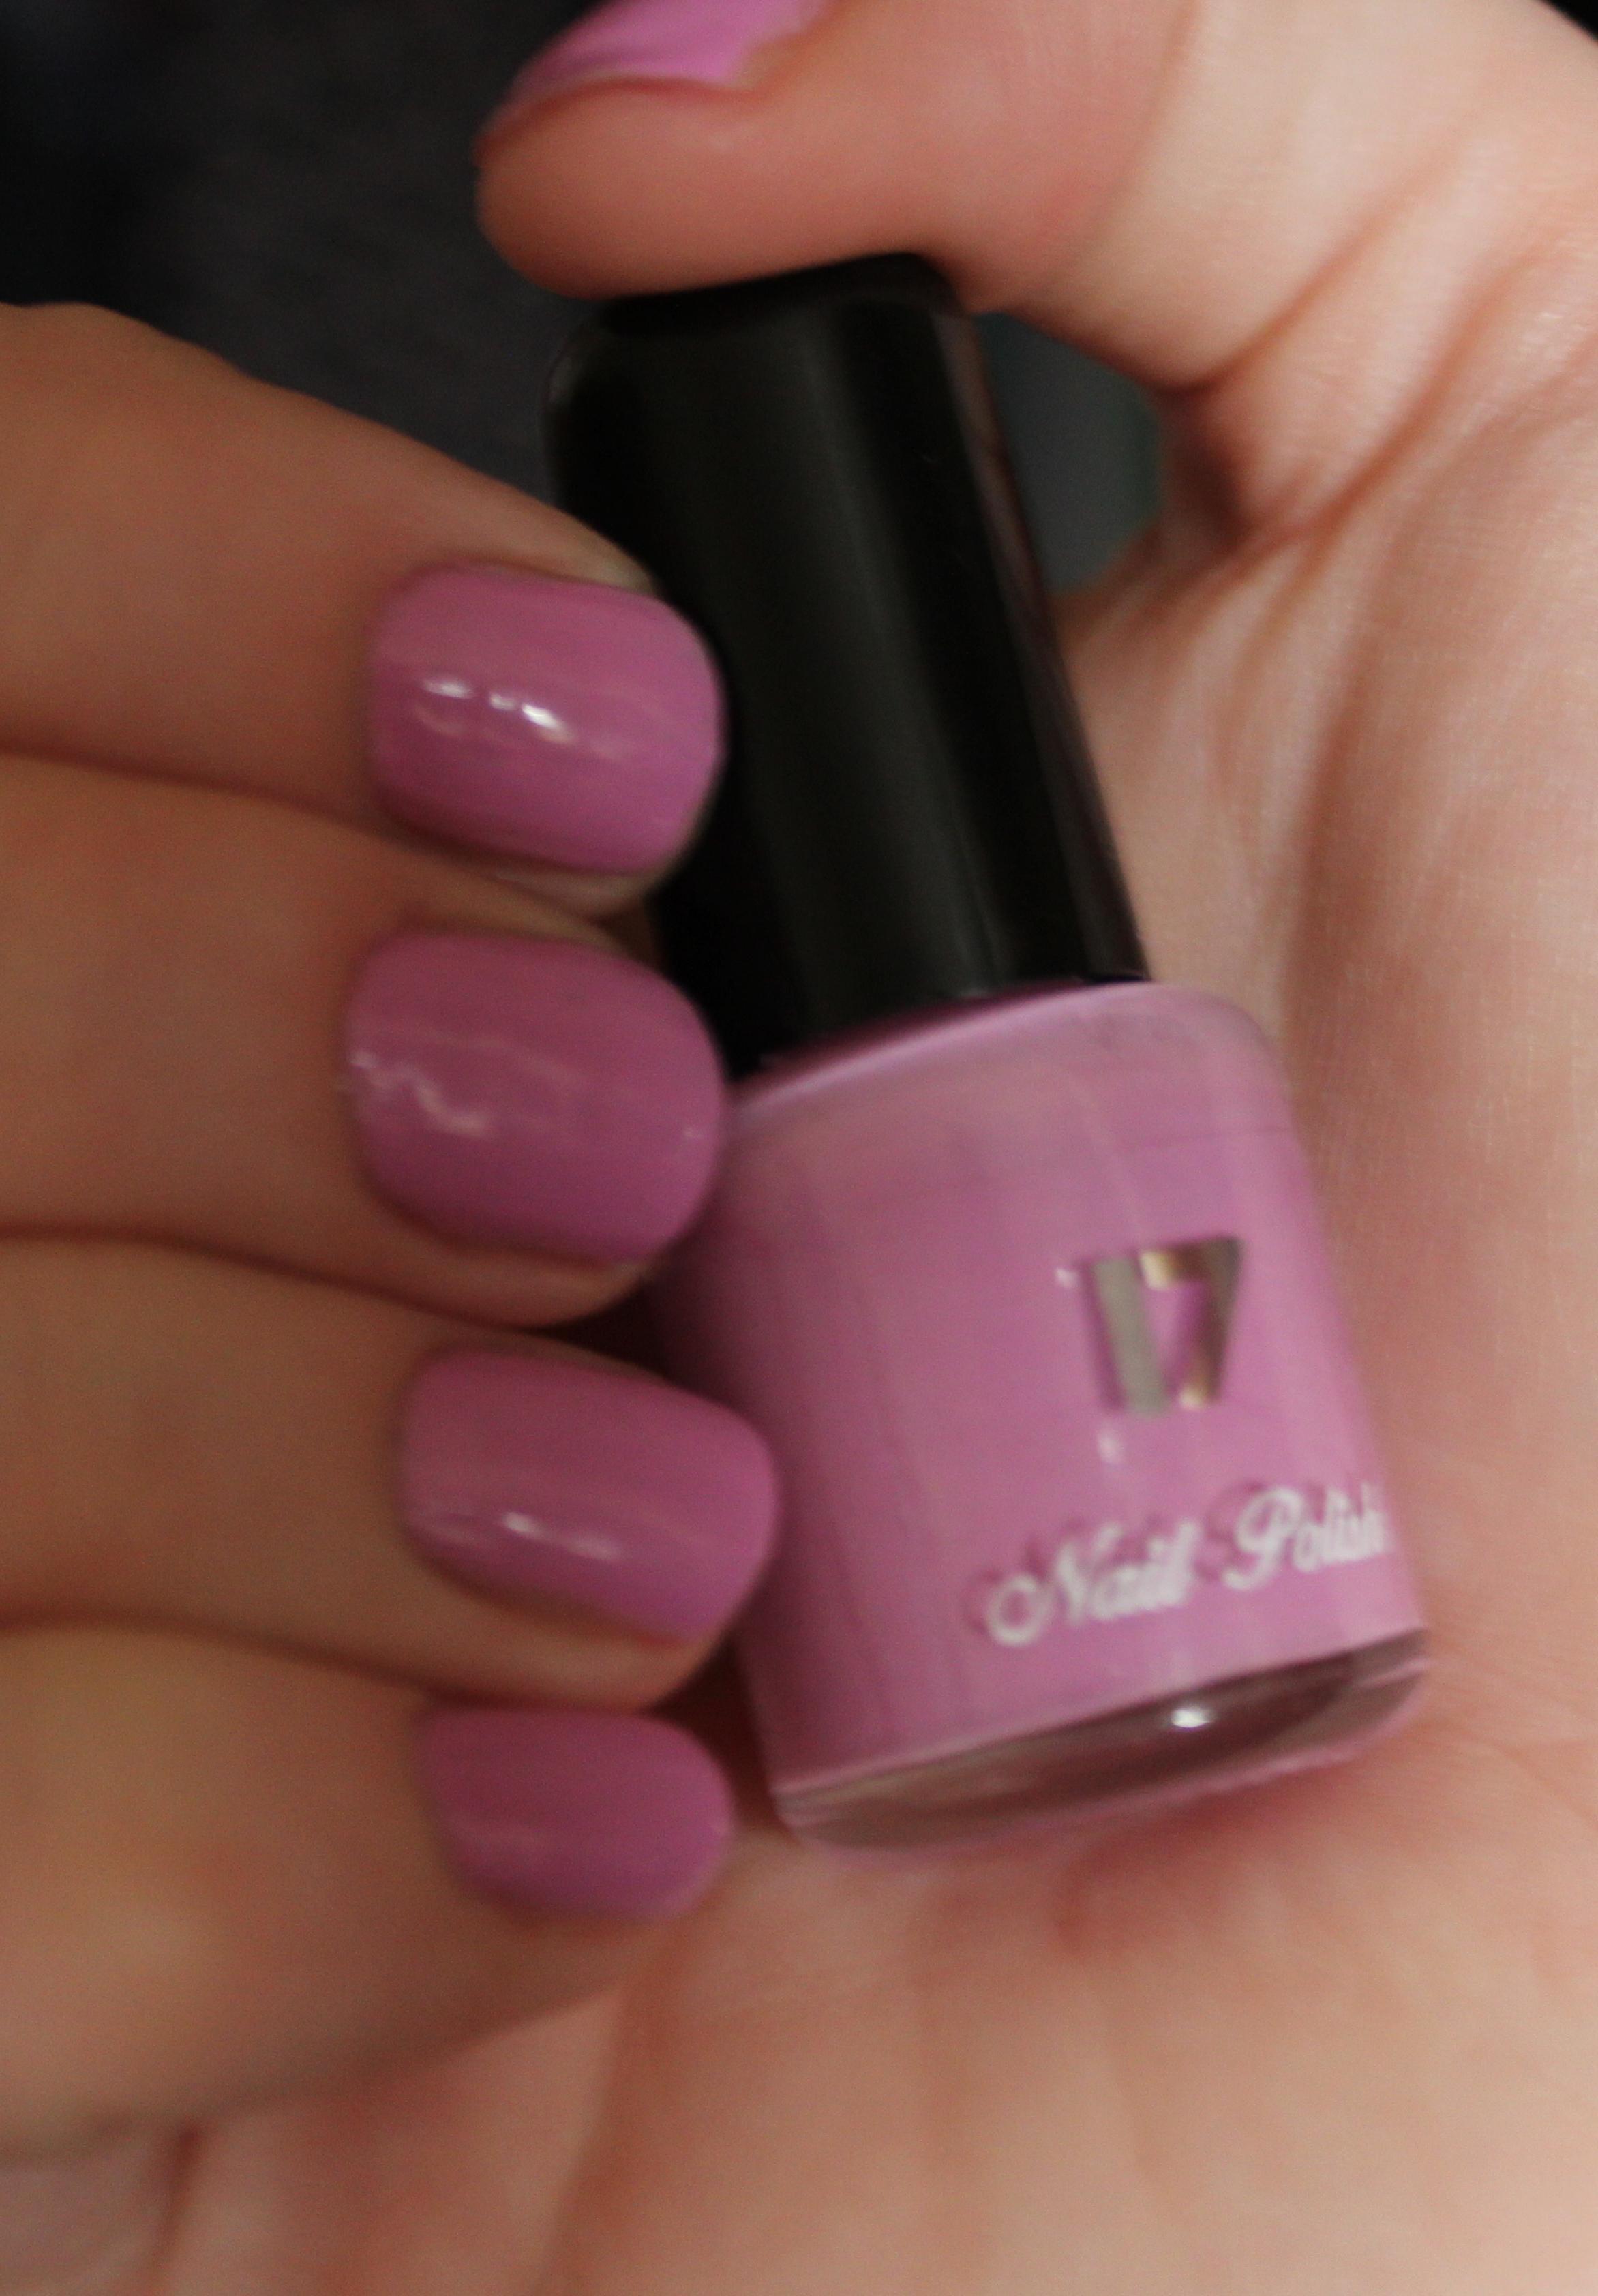 Lilac Boots 17 Nail Polish Nails Art